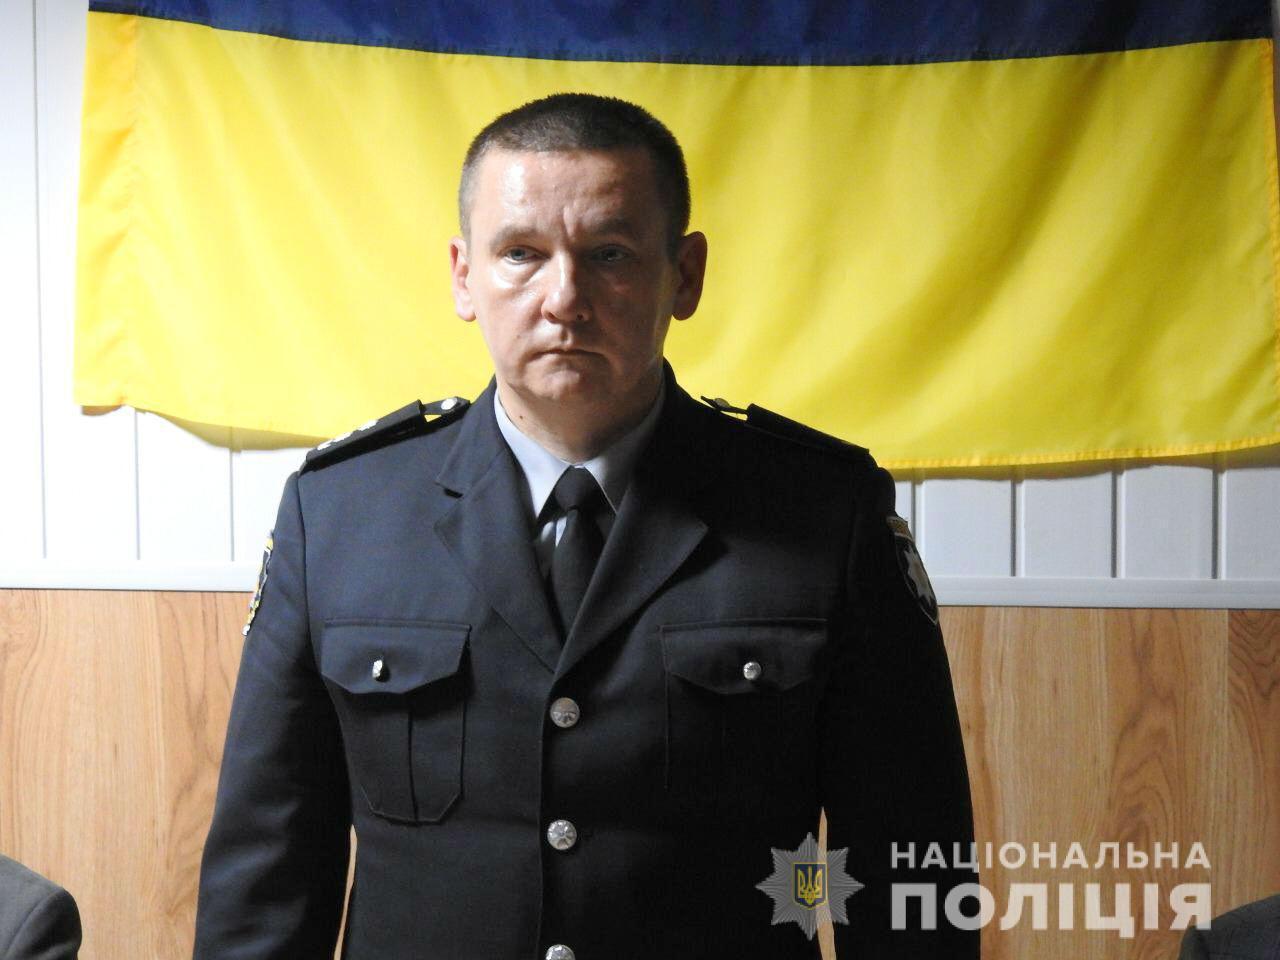 Буланов Юрий